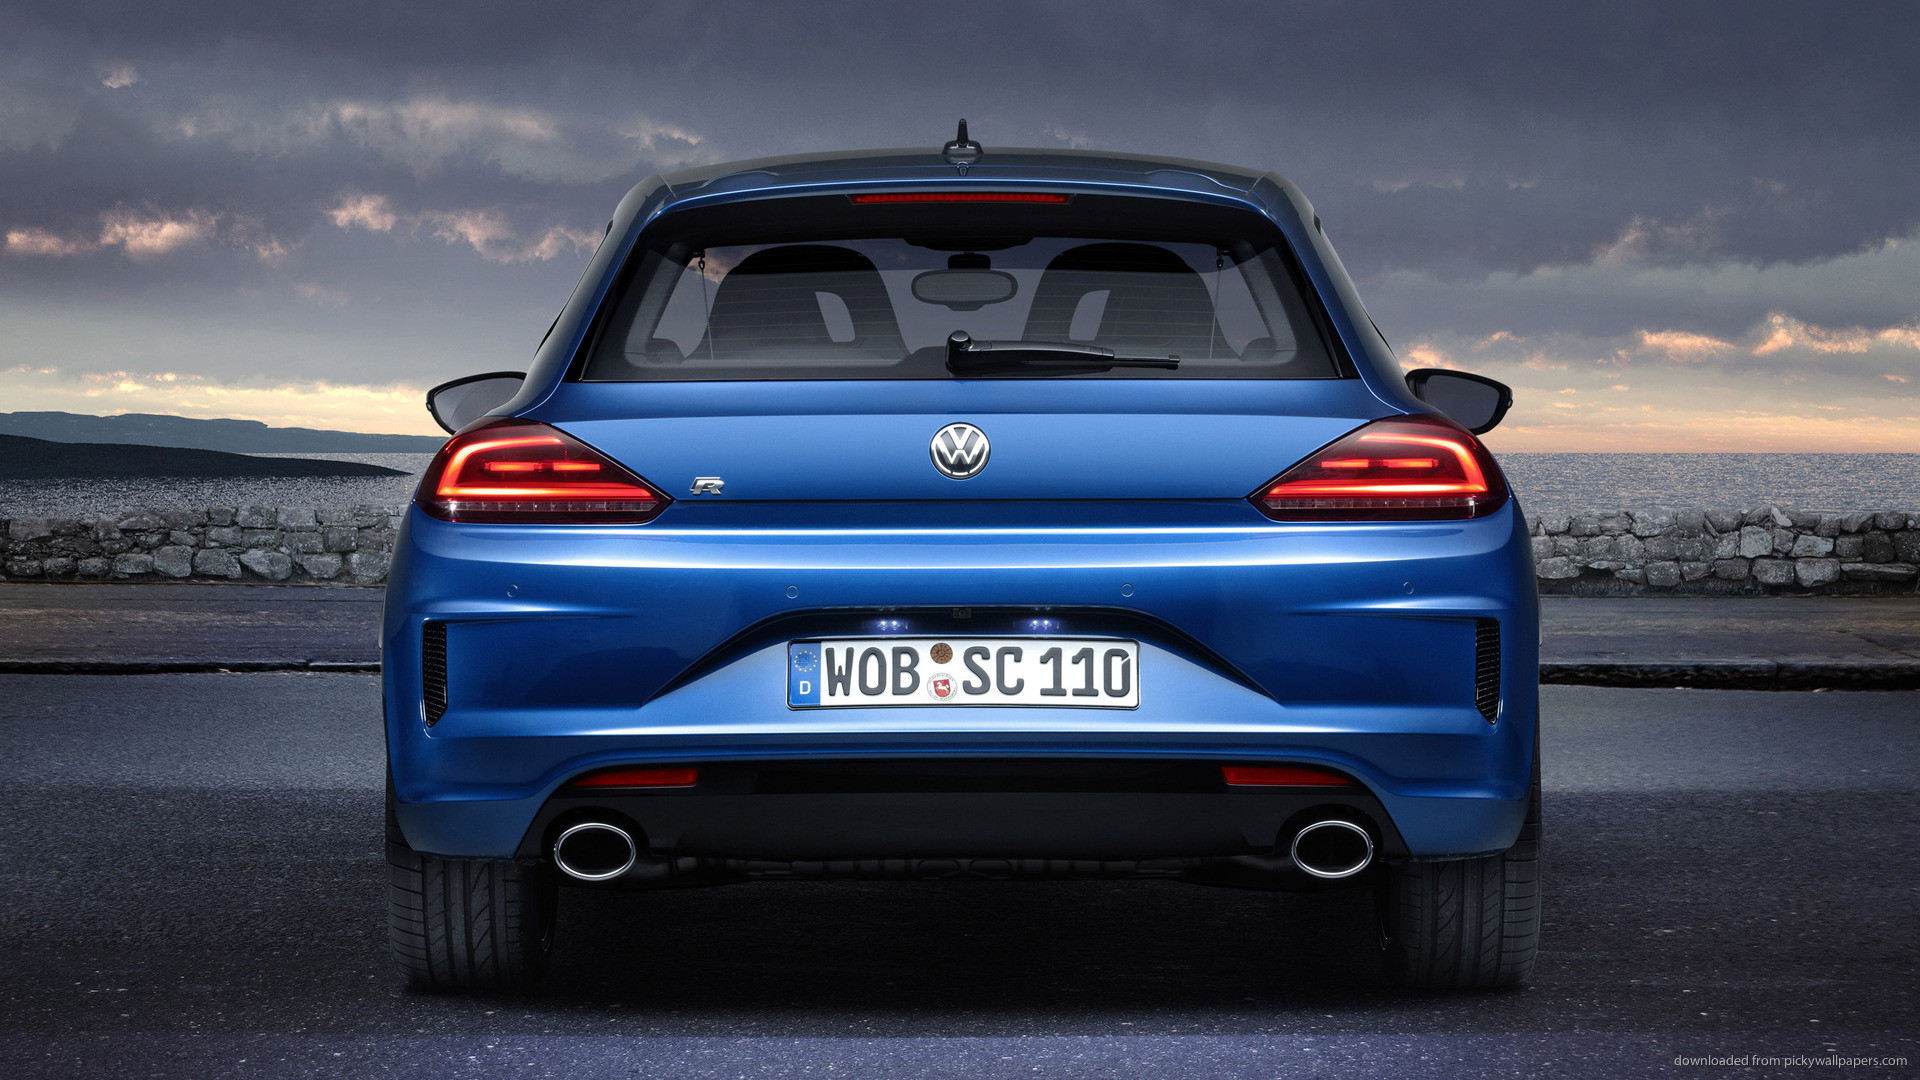 Volkswagen Scirocco Back picture